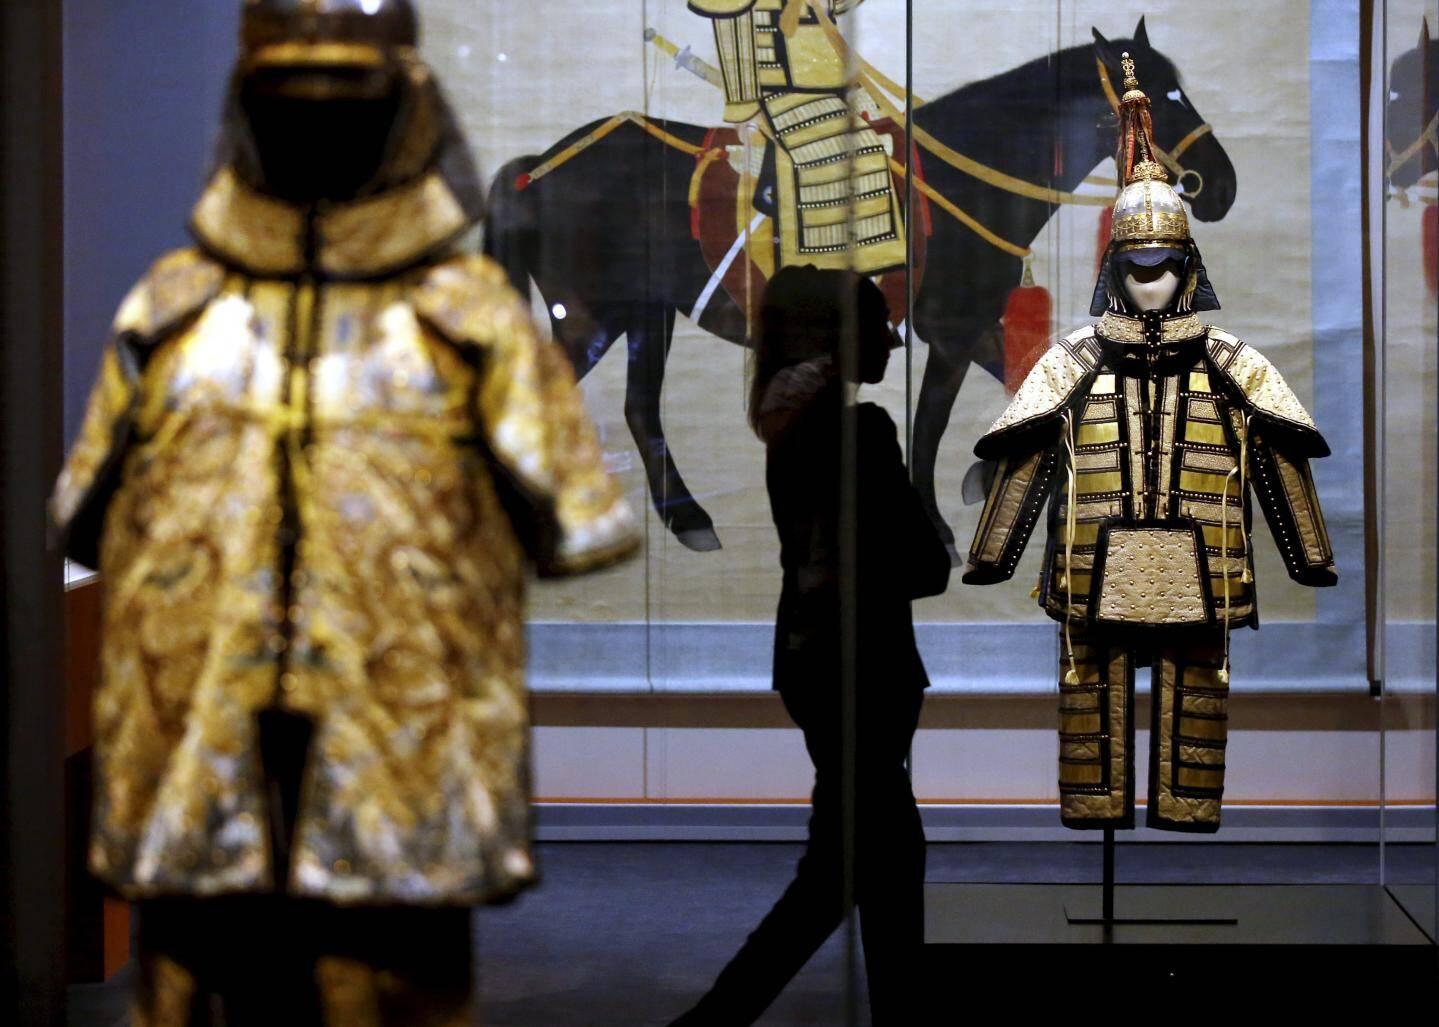 Dans l'immense espace Ravel, les pièces exceptionnelles sorties des collections nationales chinoises ont séduit quelque 47.000 visiteurs cet été.